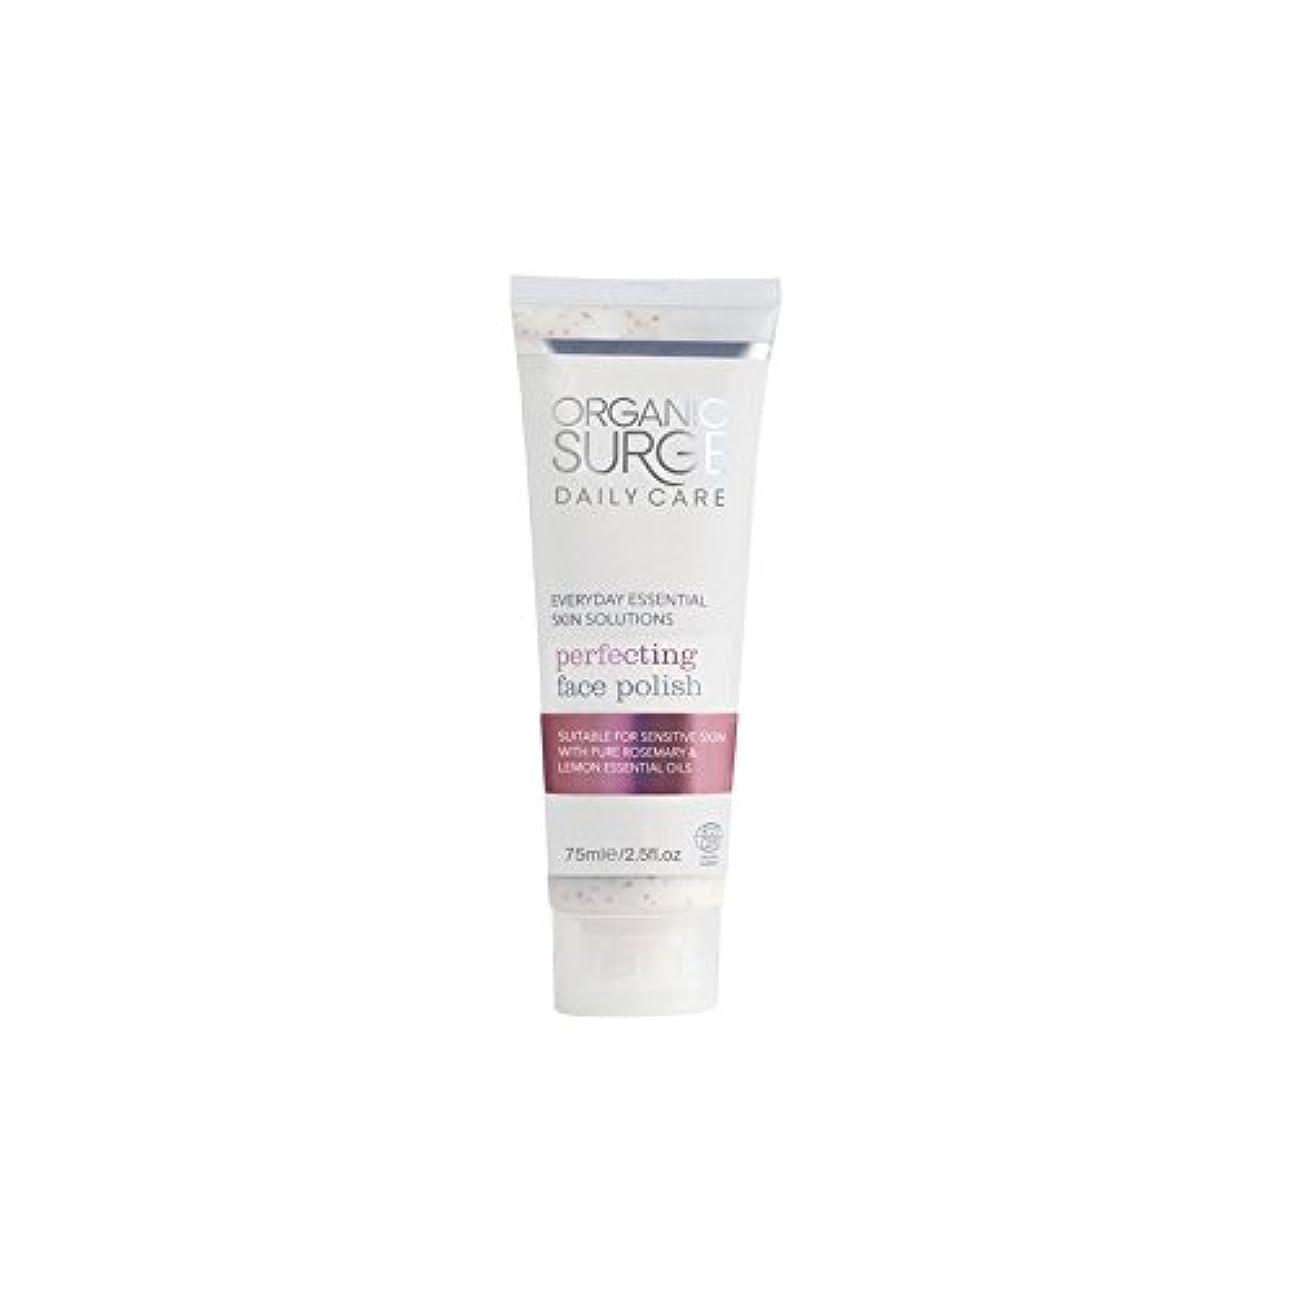 好意辛な忠誠面研磨を完成有機サージ毎日のケア(75ミリリットル) x4 - Organic Surge Daily Care Perfecting Face Polish (75ml) (Pack of 4) [並行輸入品]